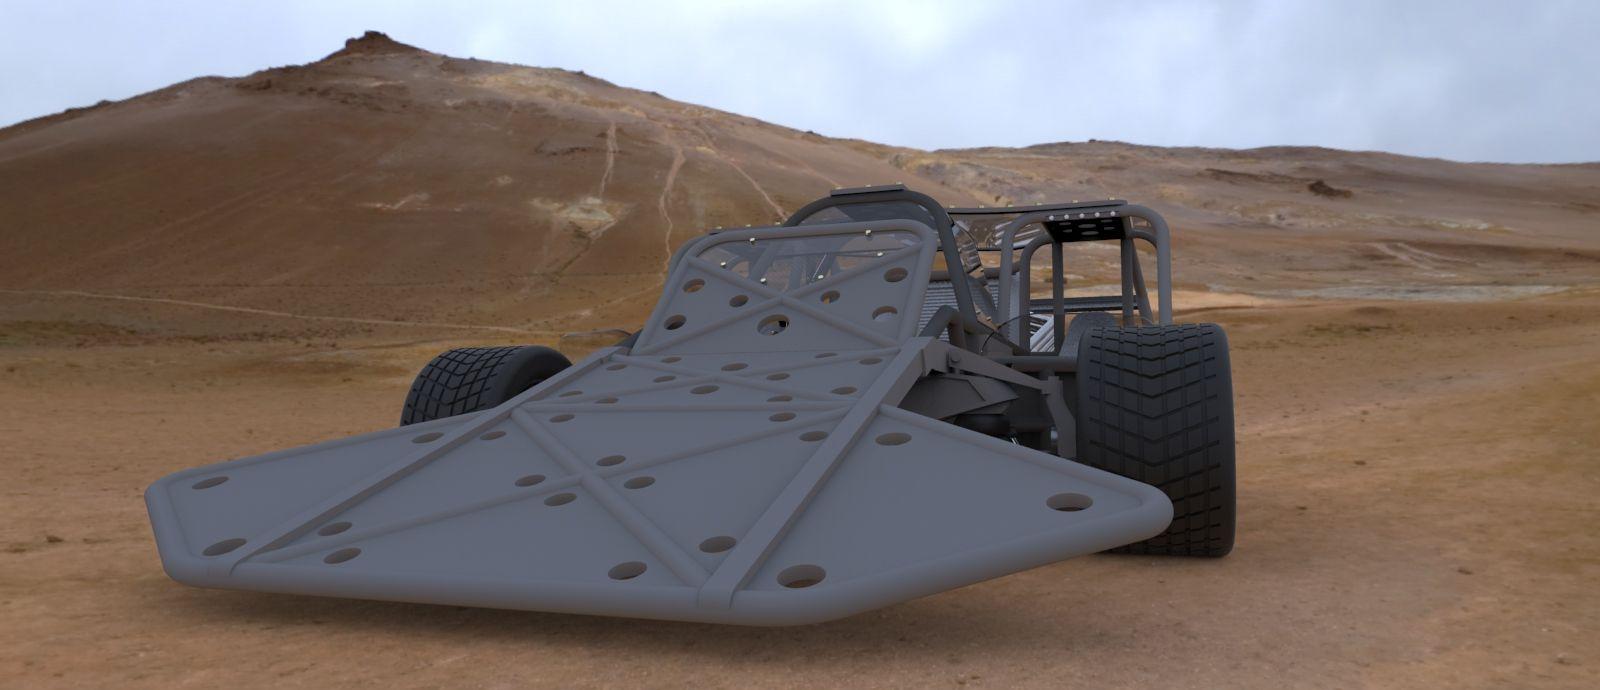 Ramp-car-vr-41-3500-3500